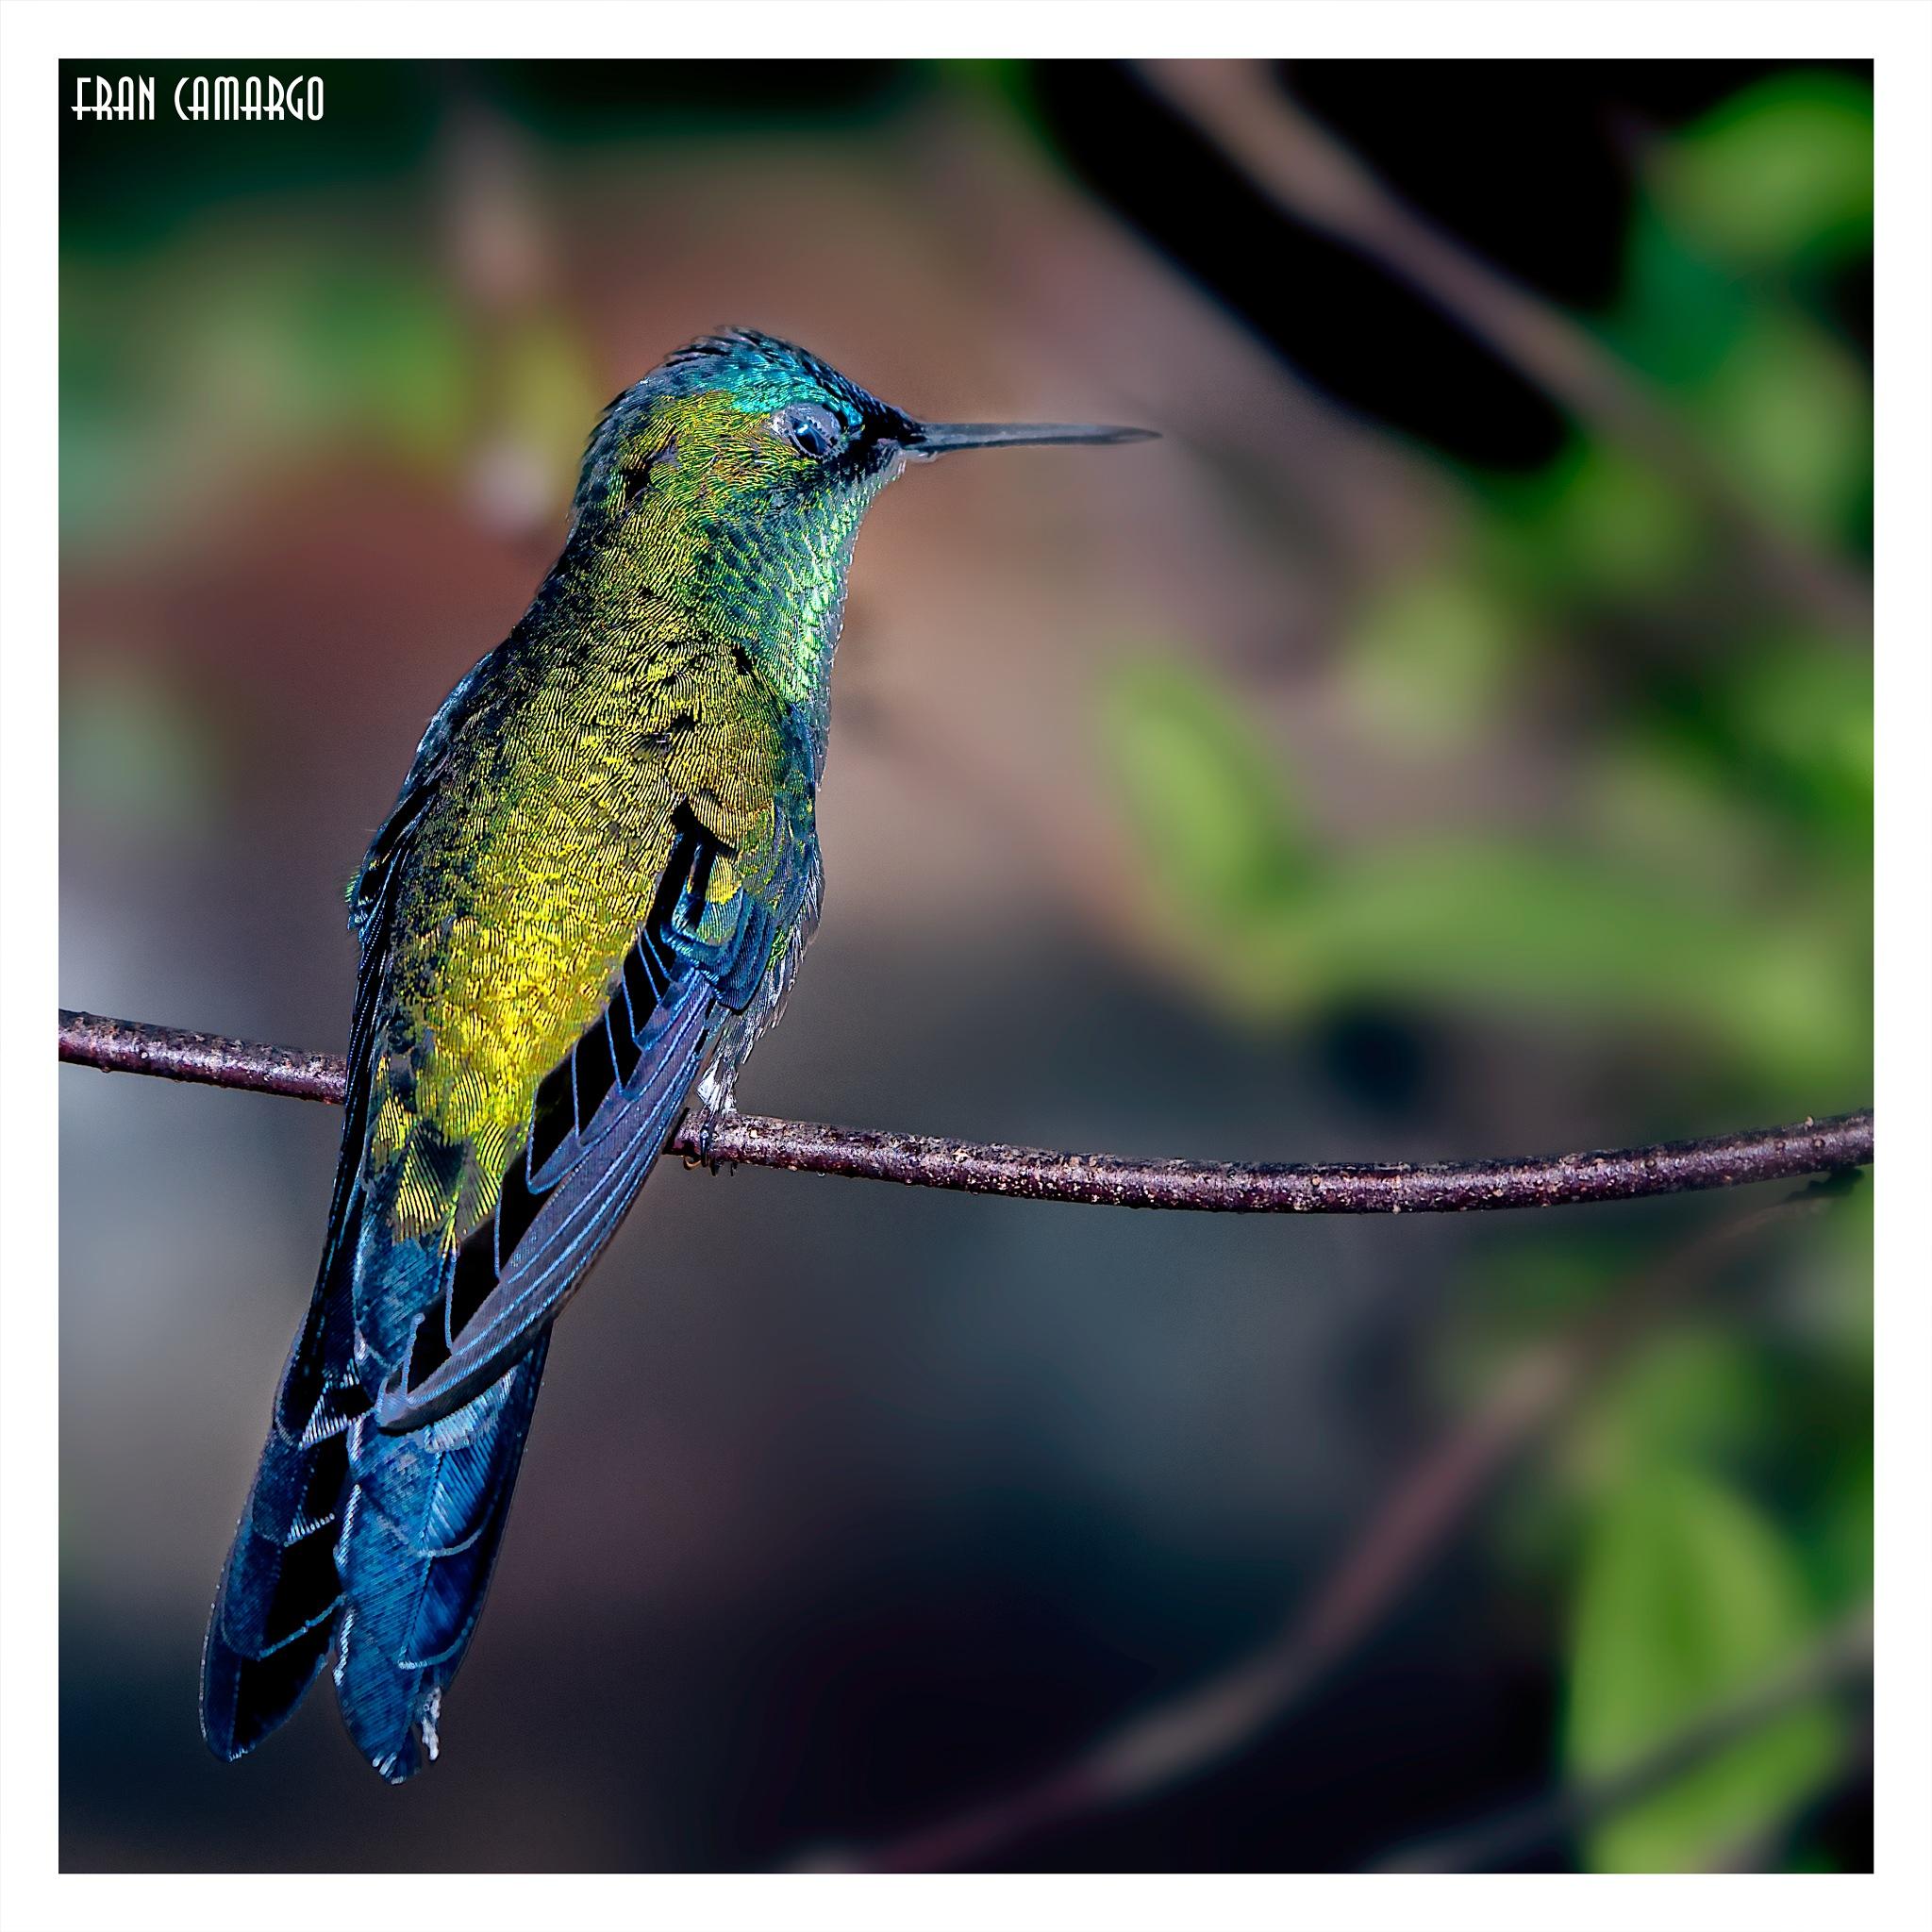 Hummingbird by Fran Camargo